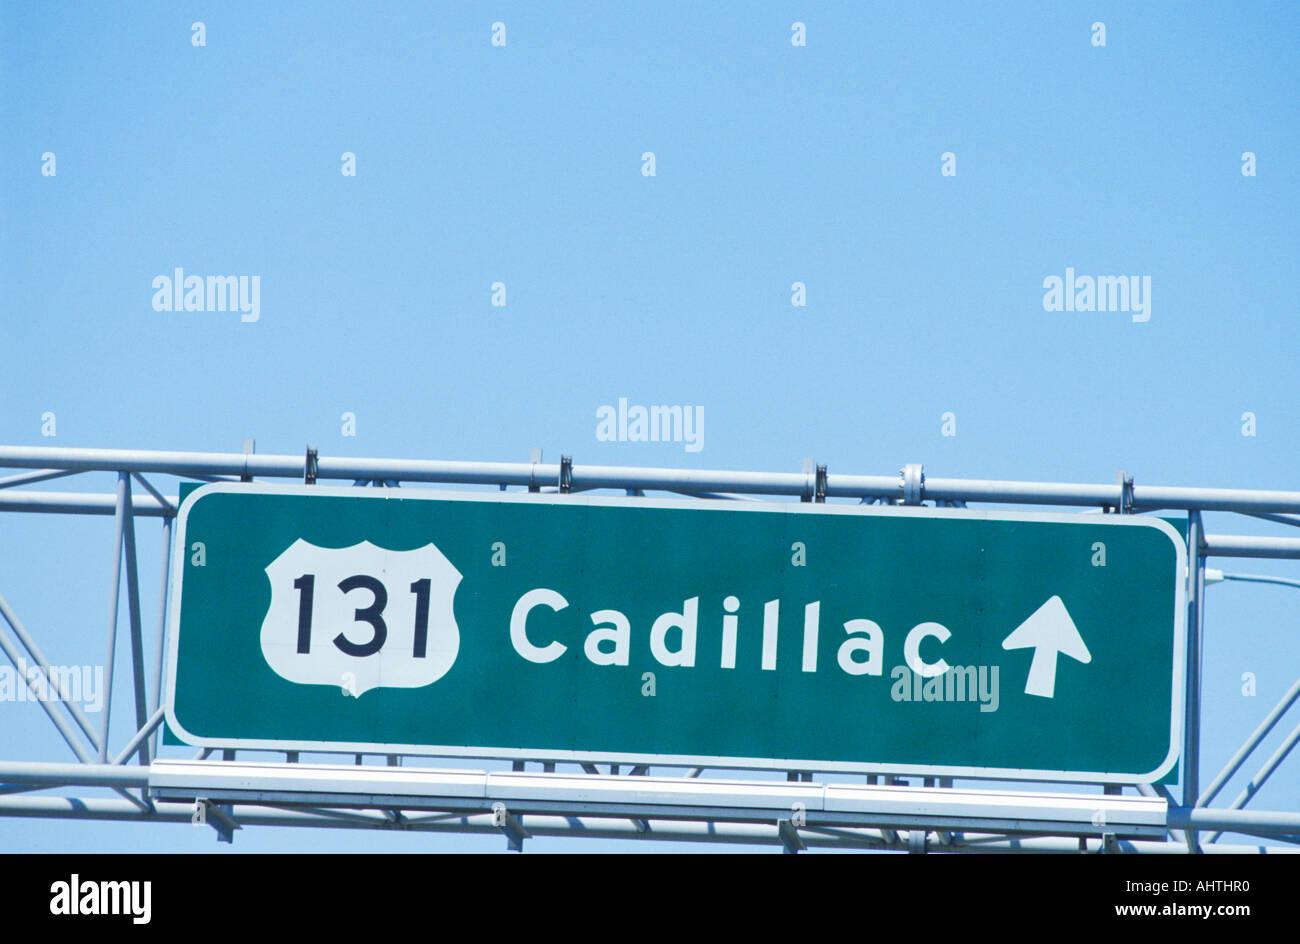 Un panneau 131 Cadillac Photo Stock